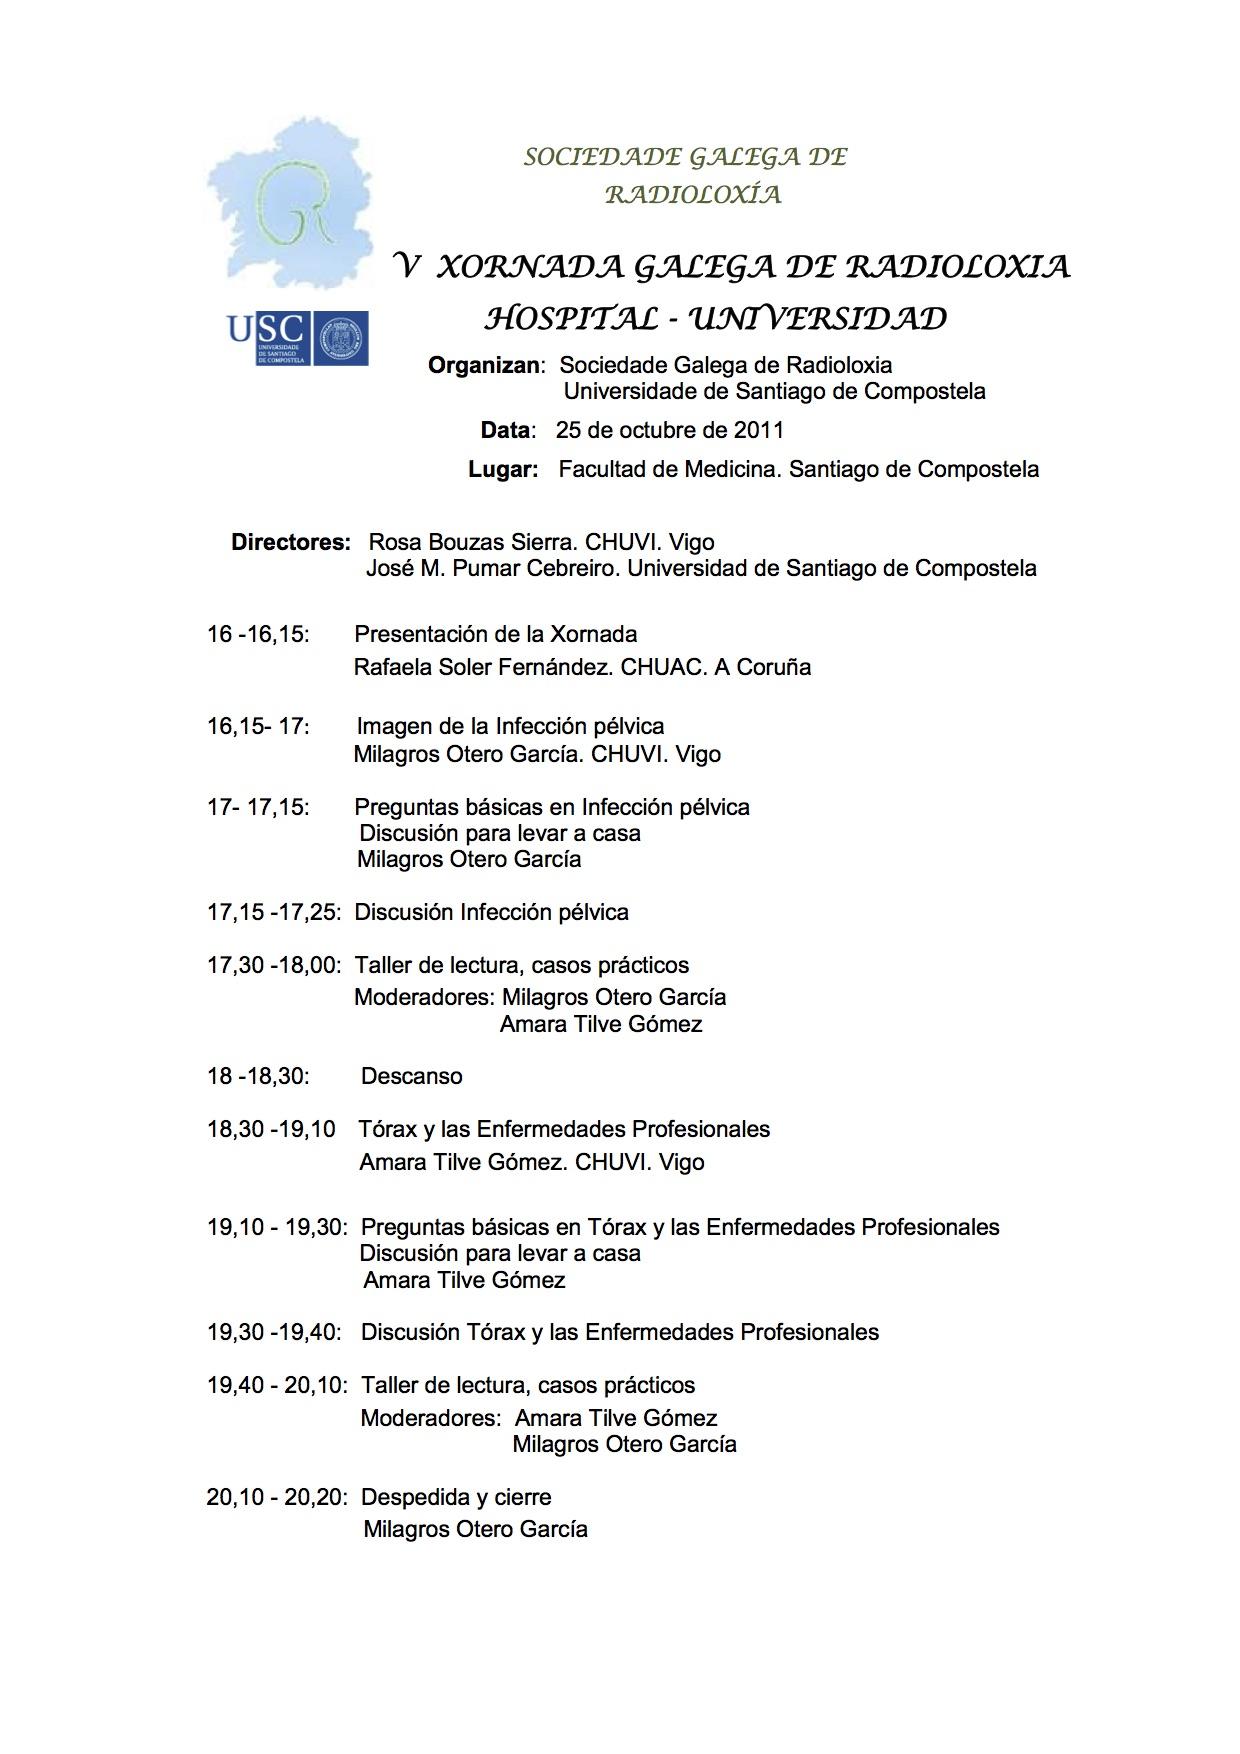 2011-10-25-v-xornada-sgr-hospital-universidade-programa